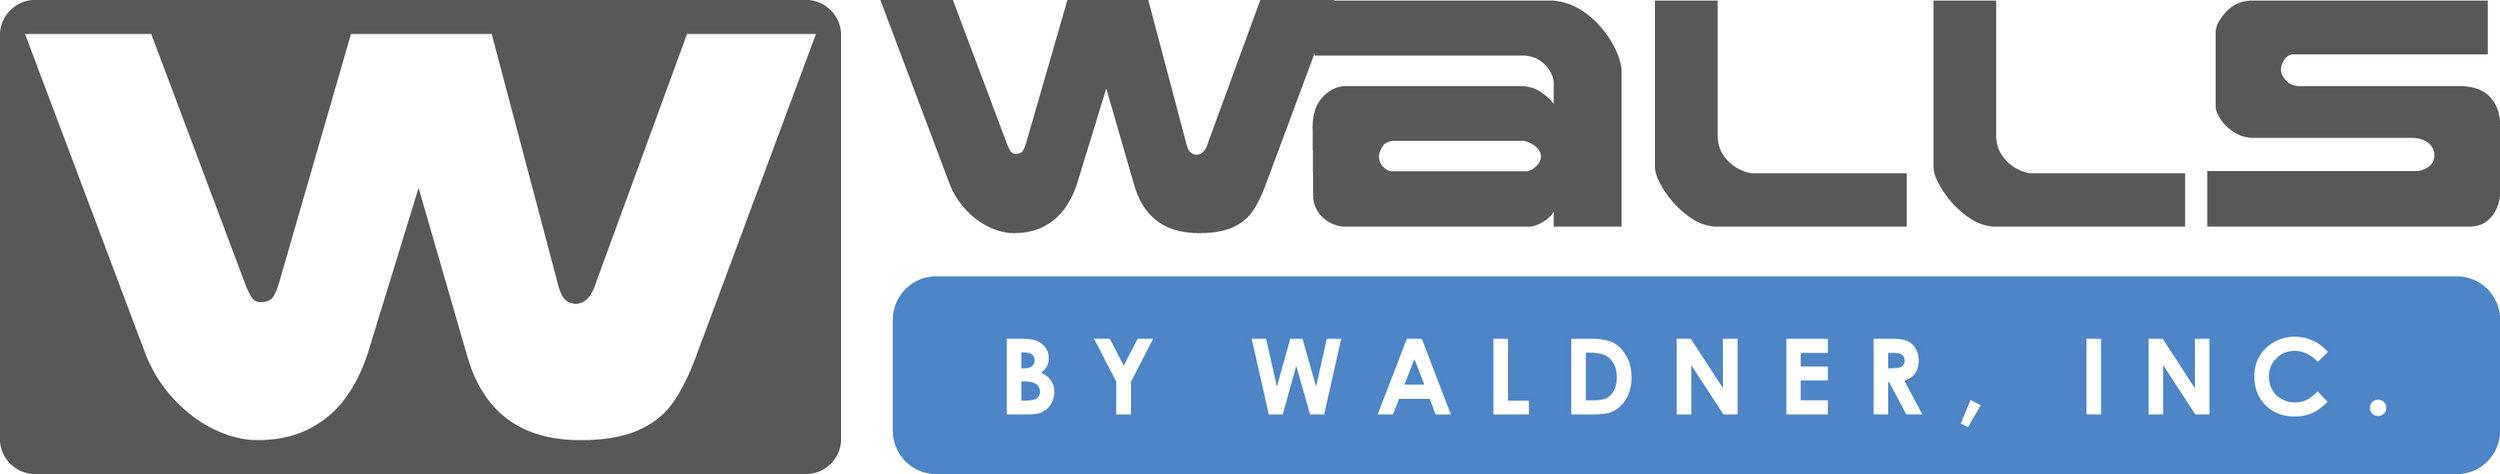 WALLS-logo-finalOL.jpg